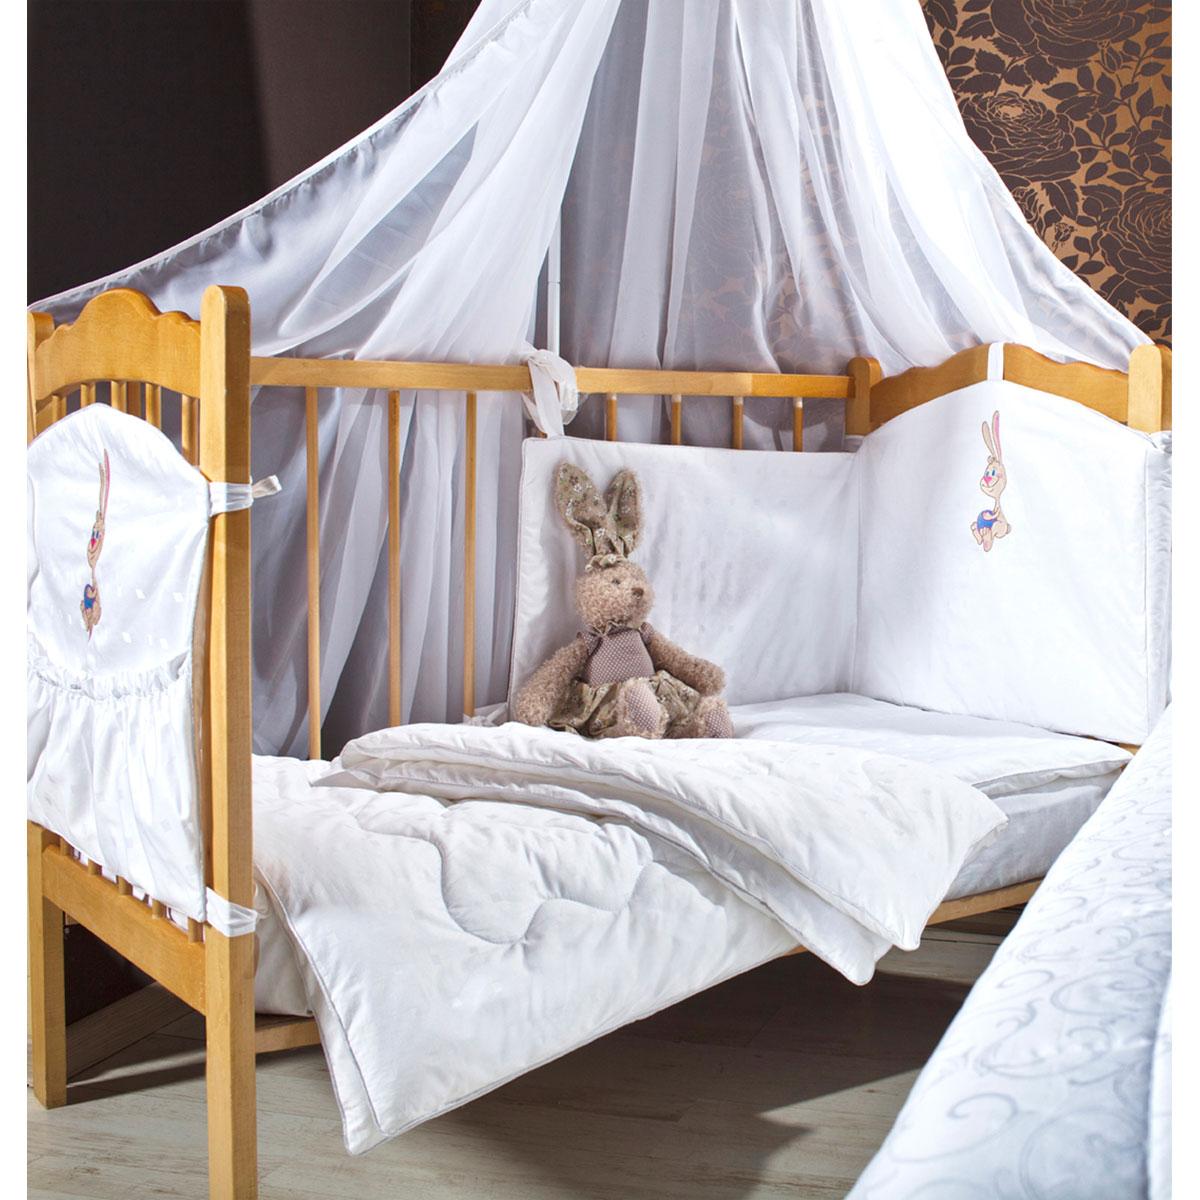 Комплект в кроватку Primavelle Lovely, цвет: голубой, 5 предметов411601842-3118вlКомплект в кроватку Primavelle Lovely прекрасно подойдет для кроватки вашего малыша, добавит комнате уюта и согреет в прохладные дни. В качестве материала верха использован натуральный 100% хлопок. Мягкая ткань не раздражает чувствительную и нежную кожу ребенка и хорошо вентилируется. Подушка и одеяло наполнены гипоаллергенным бамбуковым волокном. Бамбук является природным антисептиком, обладающим уникальными антибактериальными и дезодорирующими свойствами. Бортики наполнены экофайбером, который не впитывает запах и пыль. Балдахин выполнен из легкой прозрачной вуали. В комплекте - удобный карман на кроватку для всех необходимых вещей.Очень важно, чтобы ваш малыш хорошо спал - это залог его здоровья, а значит вашего спокойствия. Комплект Primavelle Lovely идеально подойдет для кроватки вашего малыша. На нем ваш кроха будет спать здоровым и крепким сном.Комплектация:- бортик (180 см х 46 см); - балдахин (420 см х 160 см);- подушка (40 см х 60 см);- одеяло (110 см х 140 см);- кармашек (60 см х 45 см).